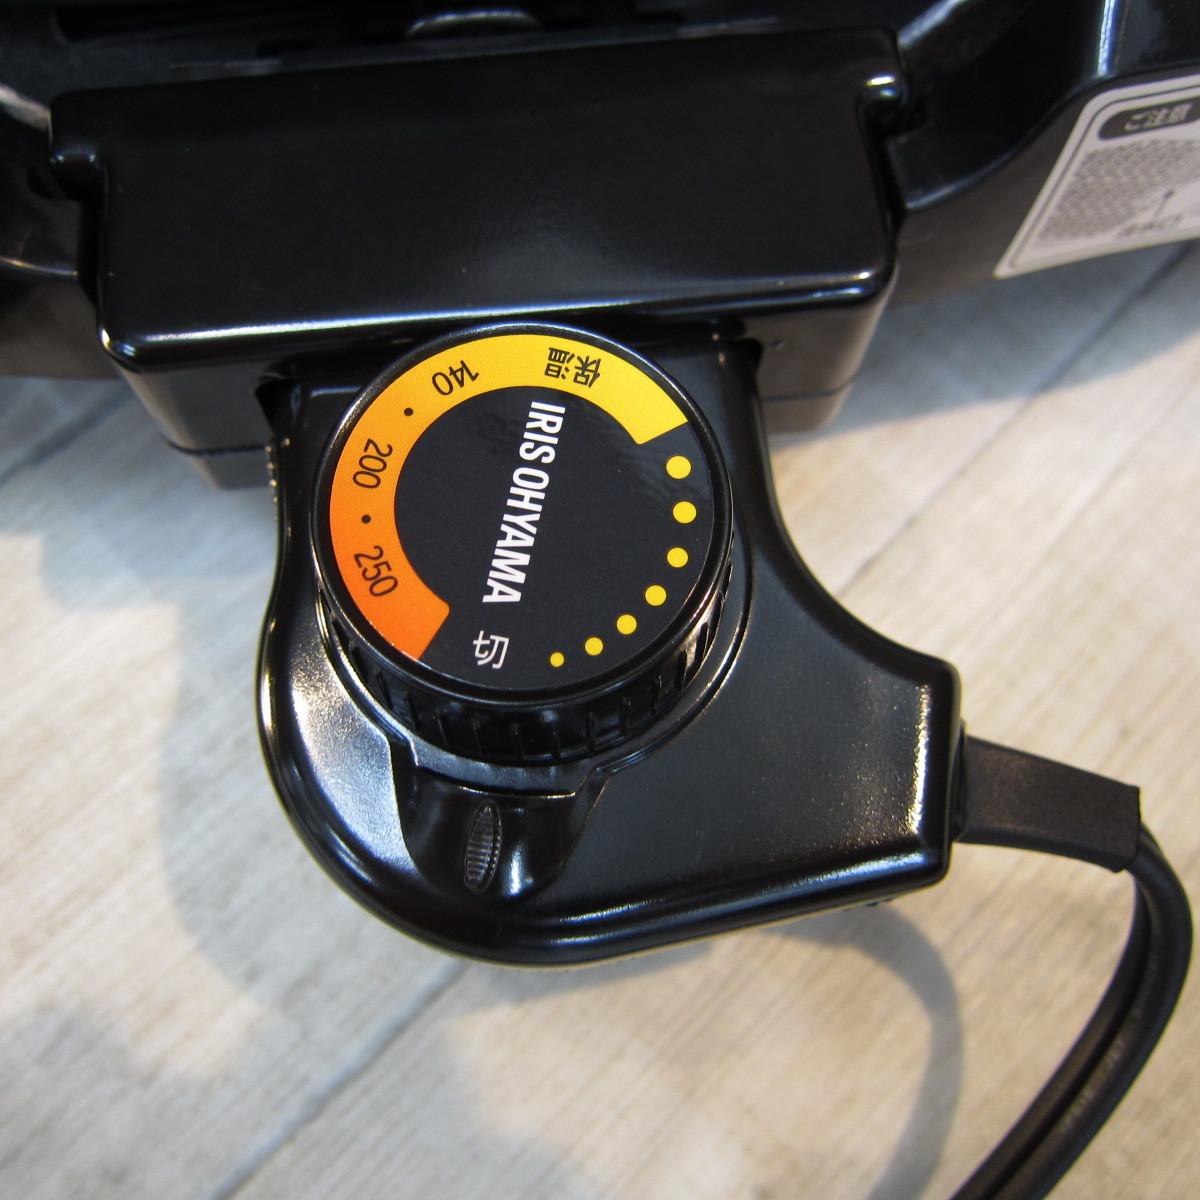 S6080【未使用】アイリスオーヤマ ホットプレート たこ焼き 焼肉 平面 プレート 3枚 網焼き 蓋付き ブラック APA-137-B_画像3